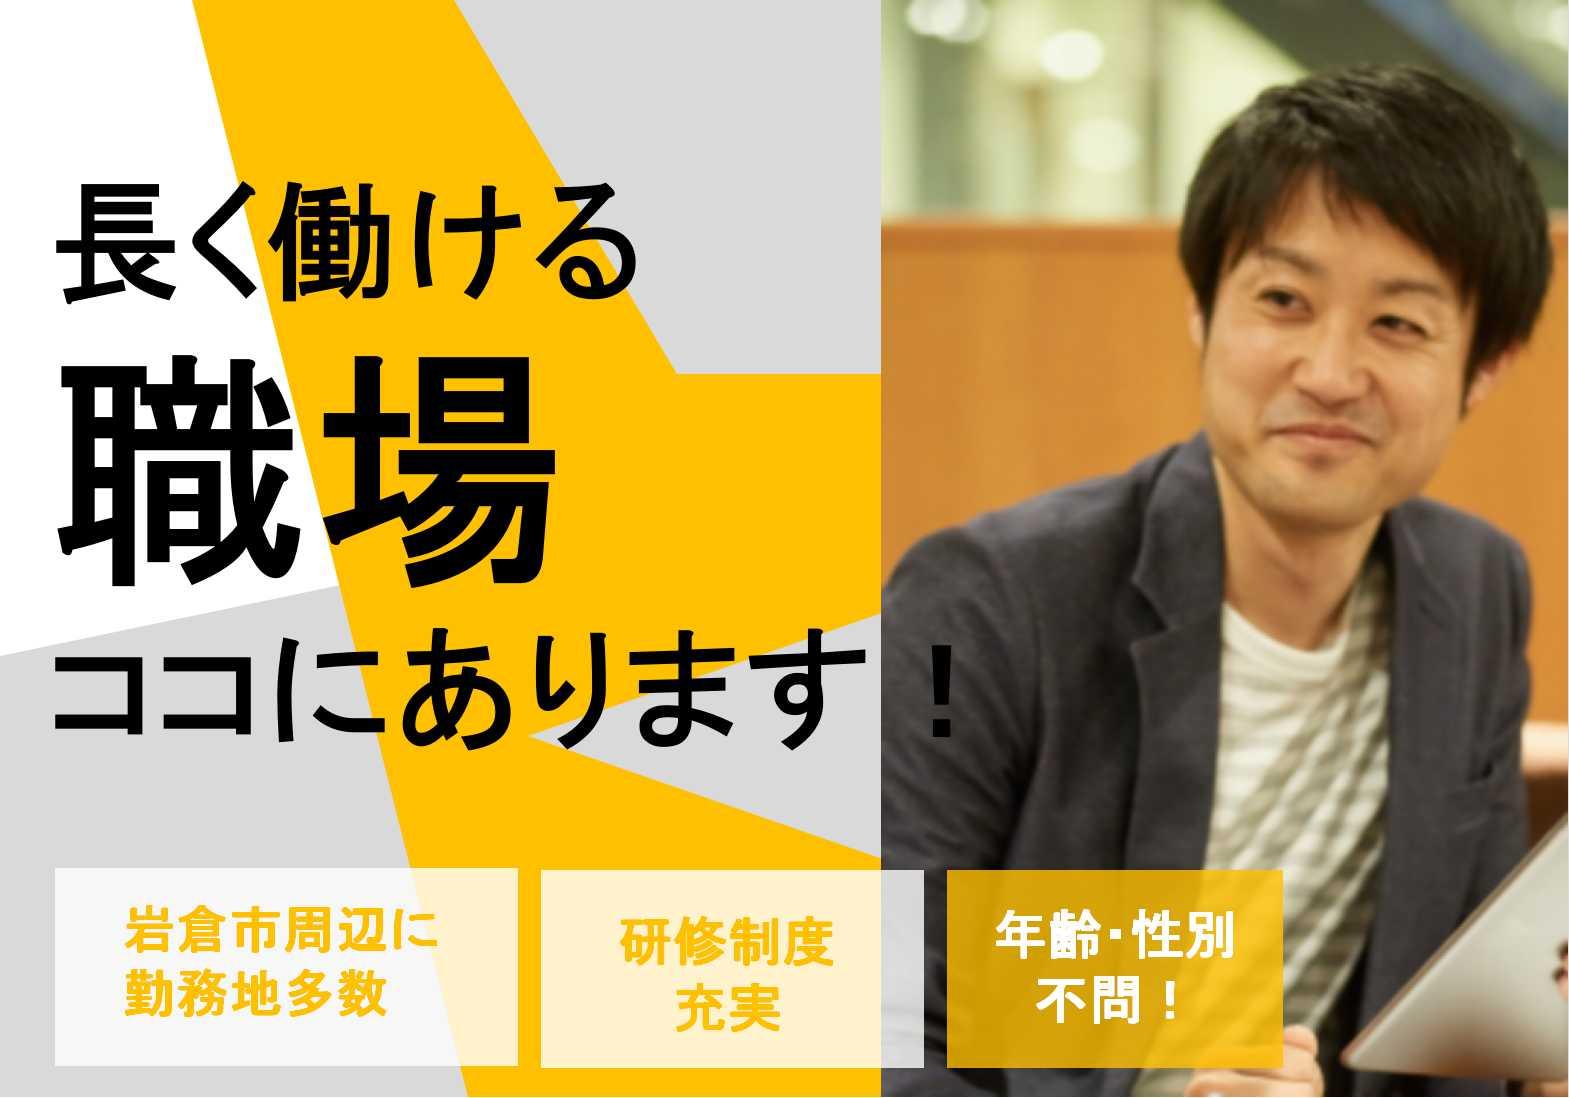 岩倉市周辺に勤務地いろいろ。キャリアアップも目指せる調理師募集! イメージ